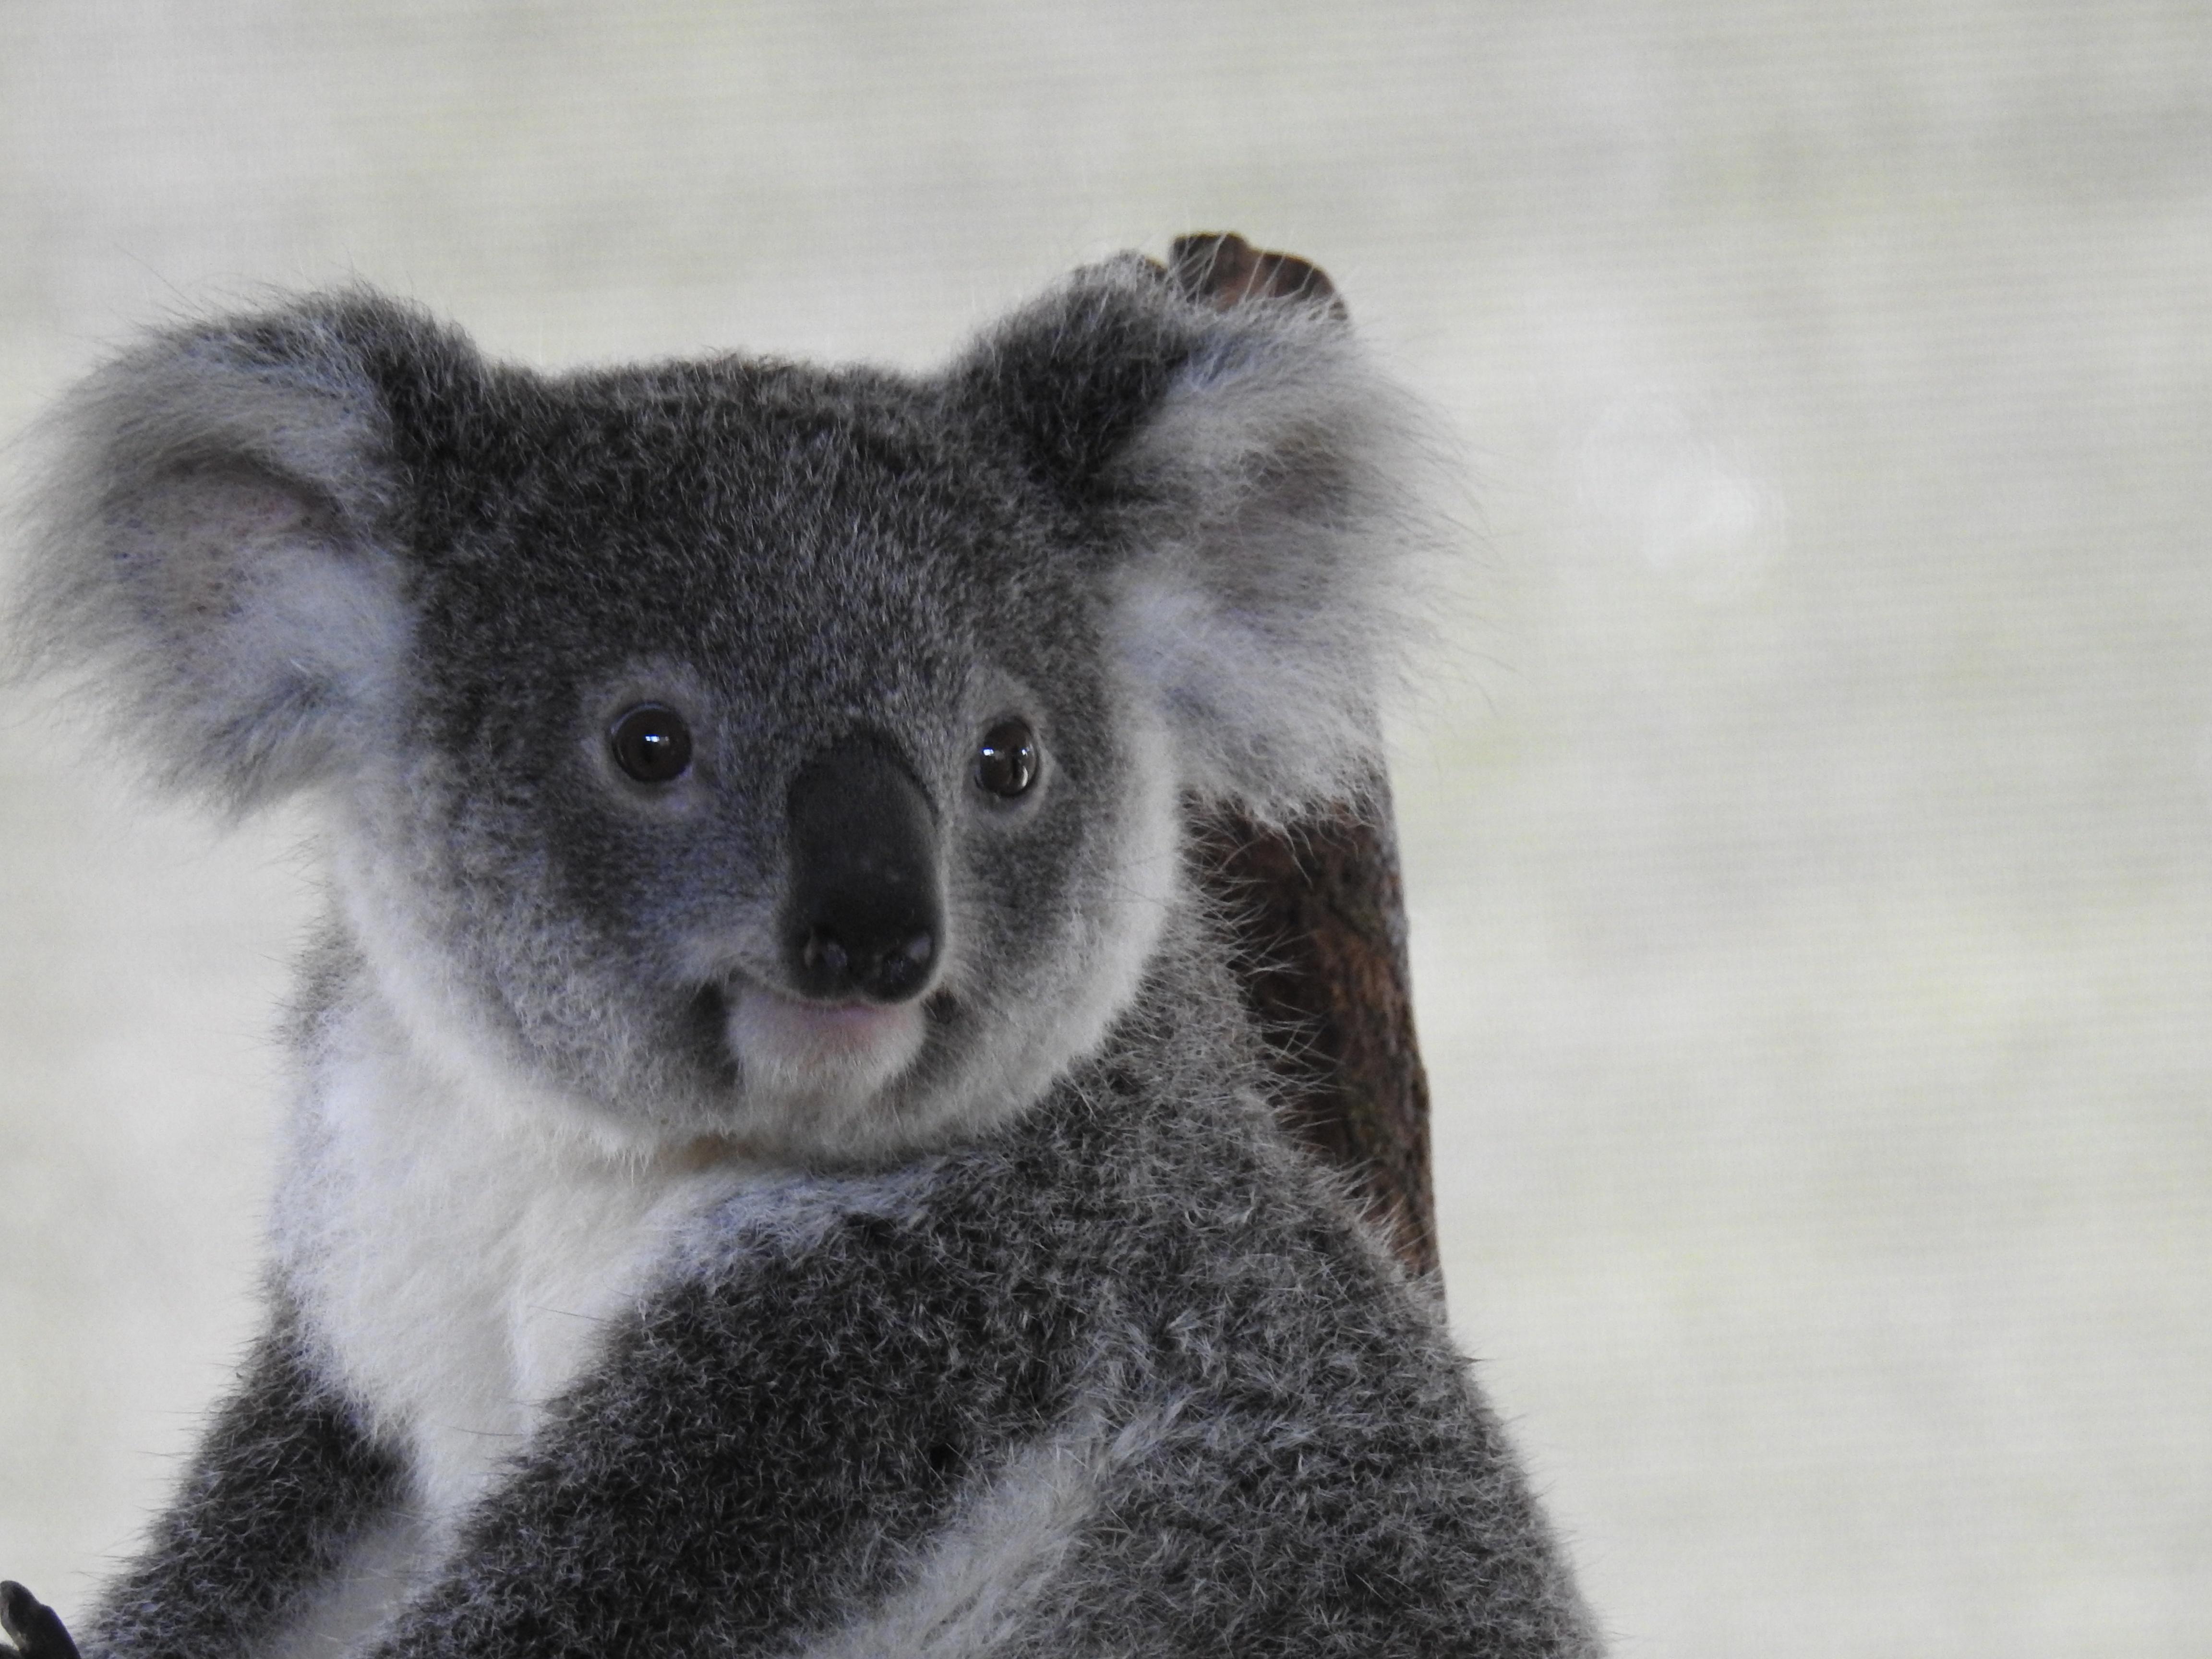 Cute Koala.jpg